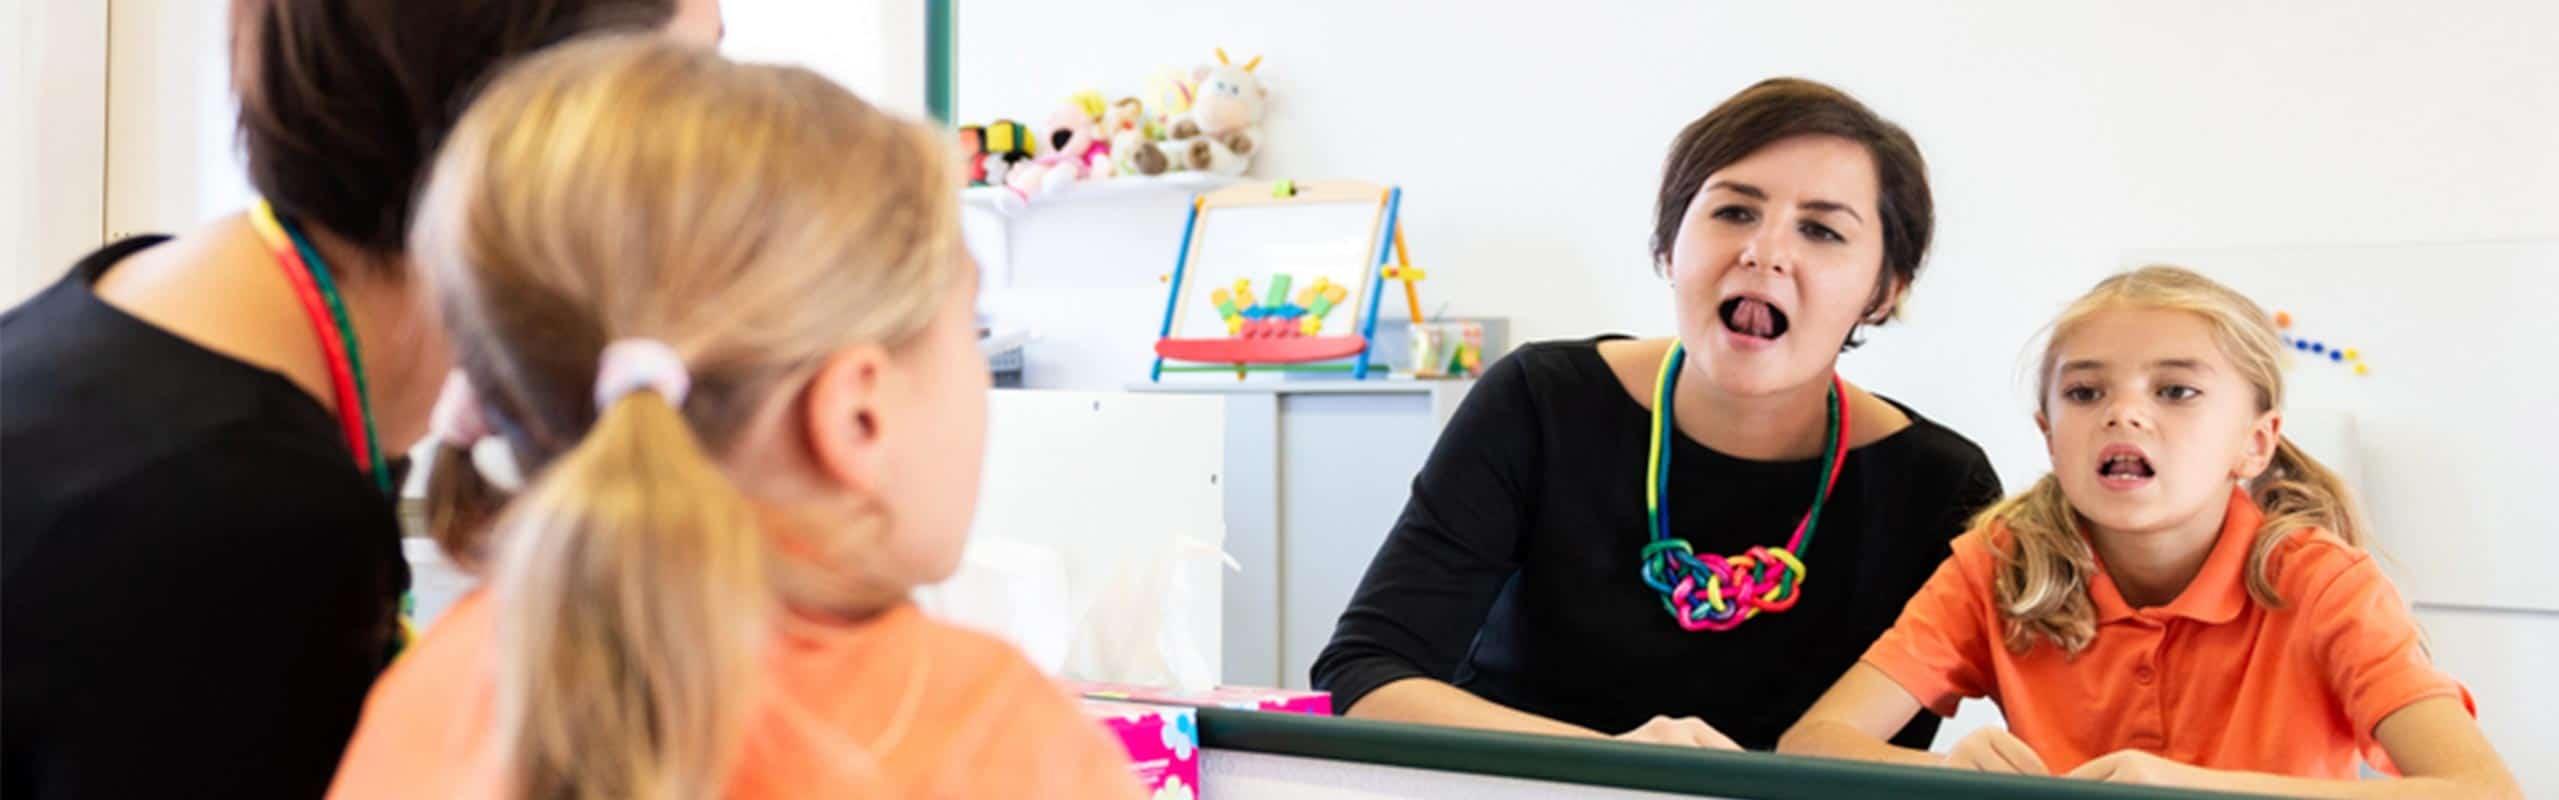 Descubre la disfasia, uno de los trastornos de lenguaje más común de los niños